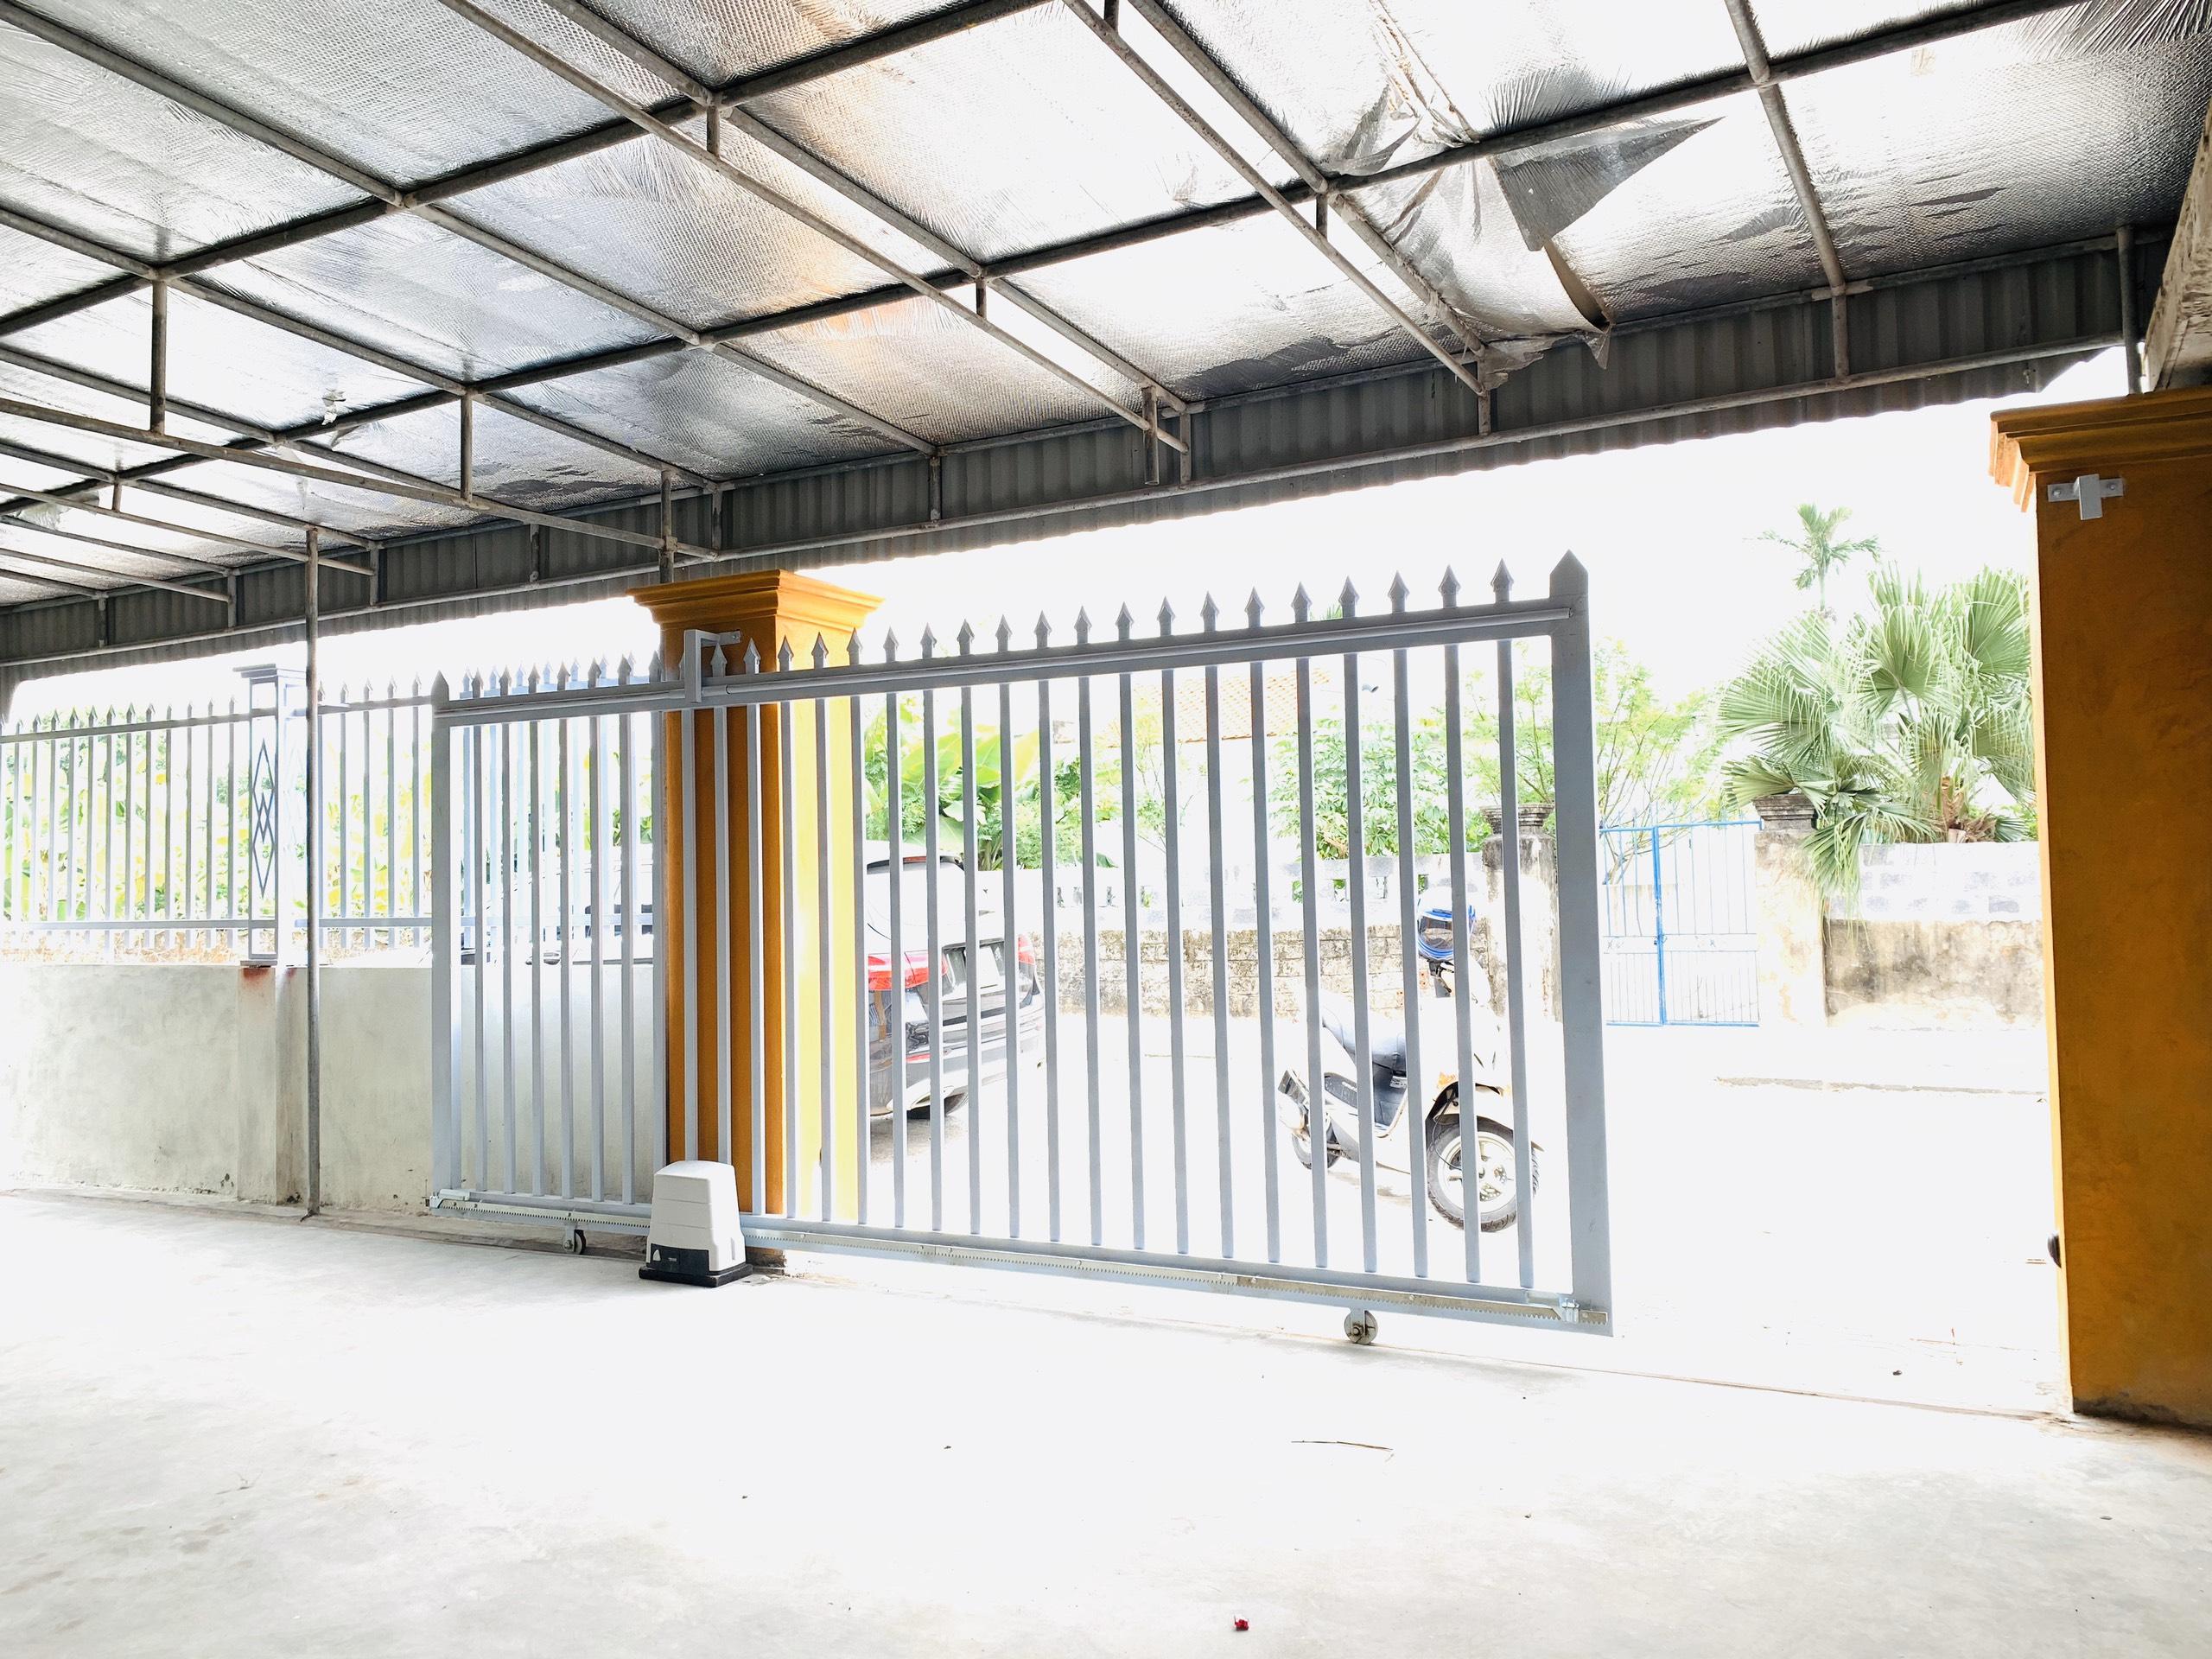 Dự án cổng trượt ngang Khu biệt thự Mỹ Đình